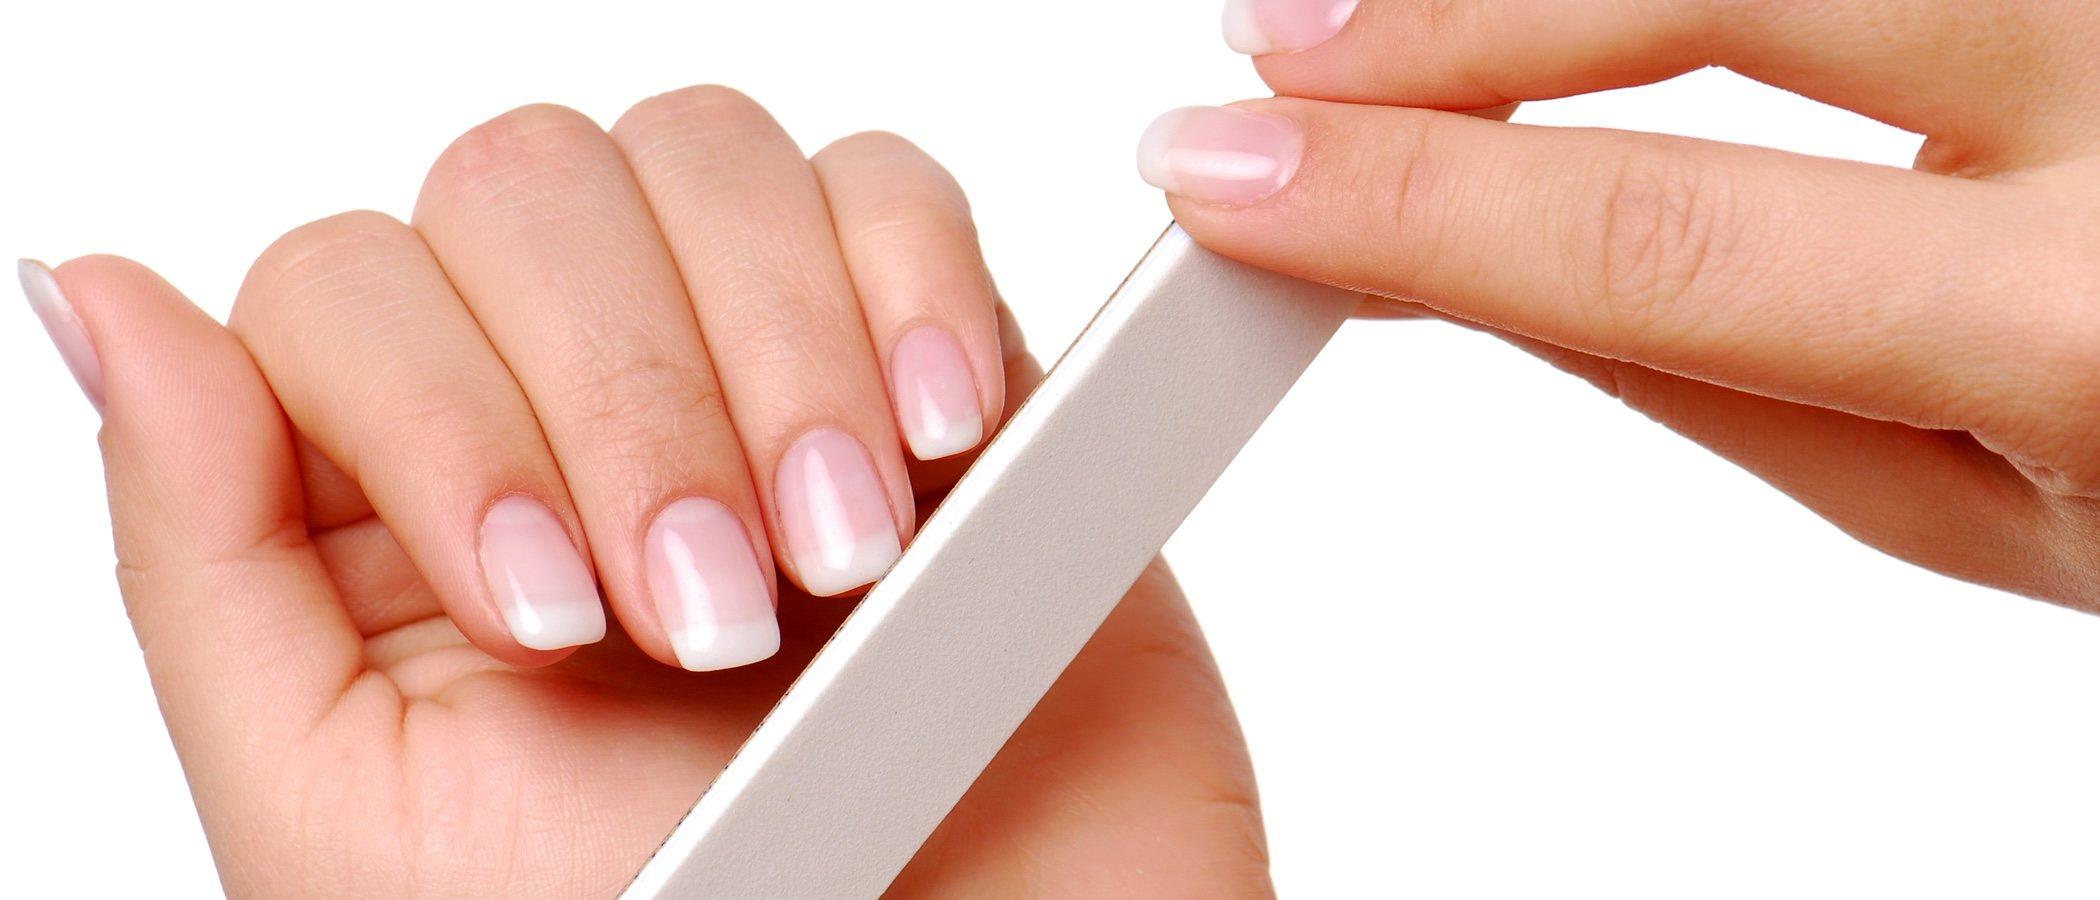 Cómo limarse las uñas